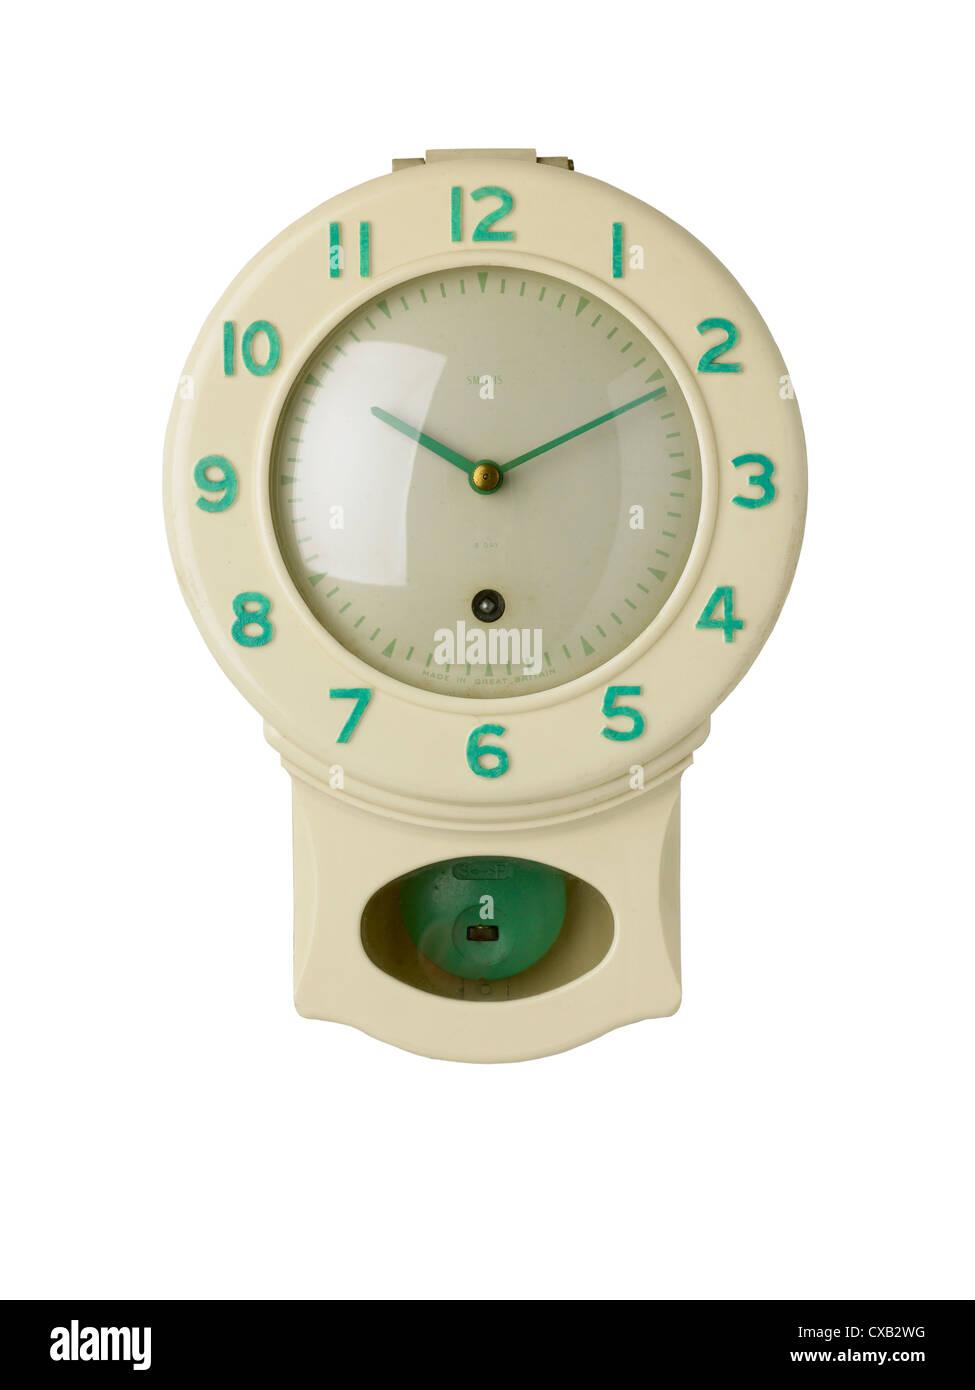 Vintage orologio da cucina Foto & Immagine Stock: 50645548 - Alamy